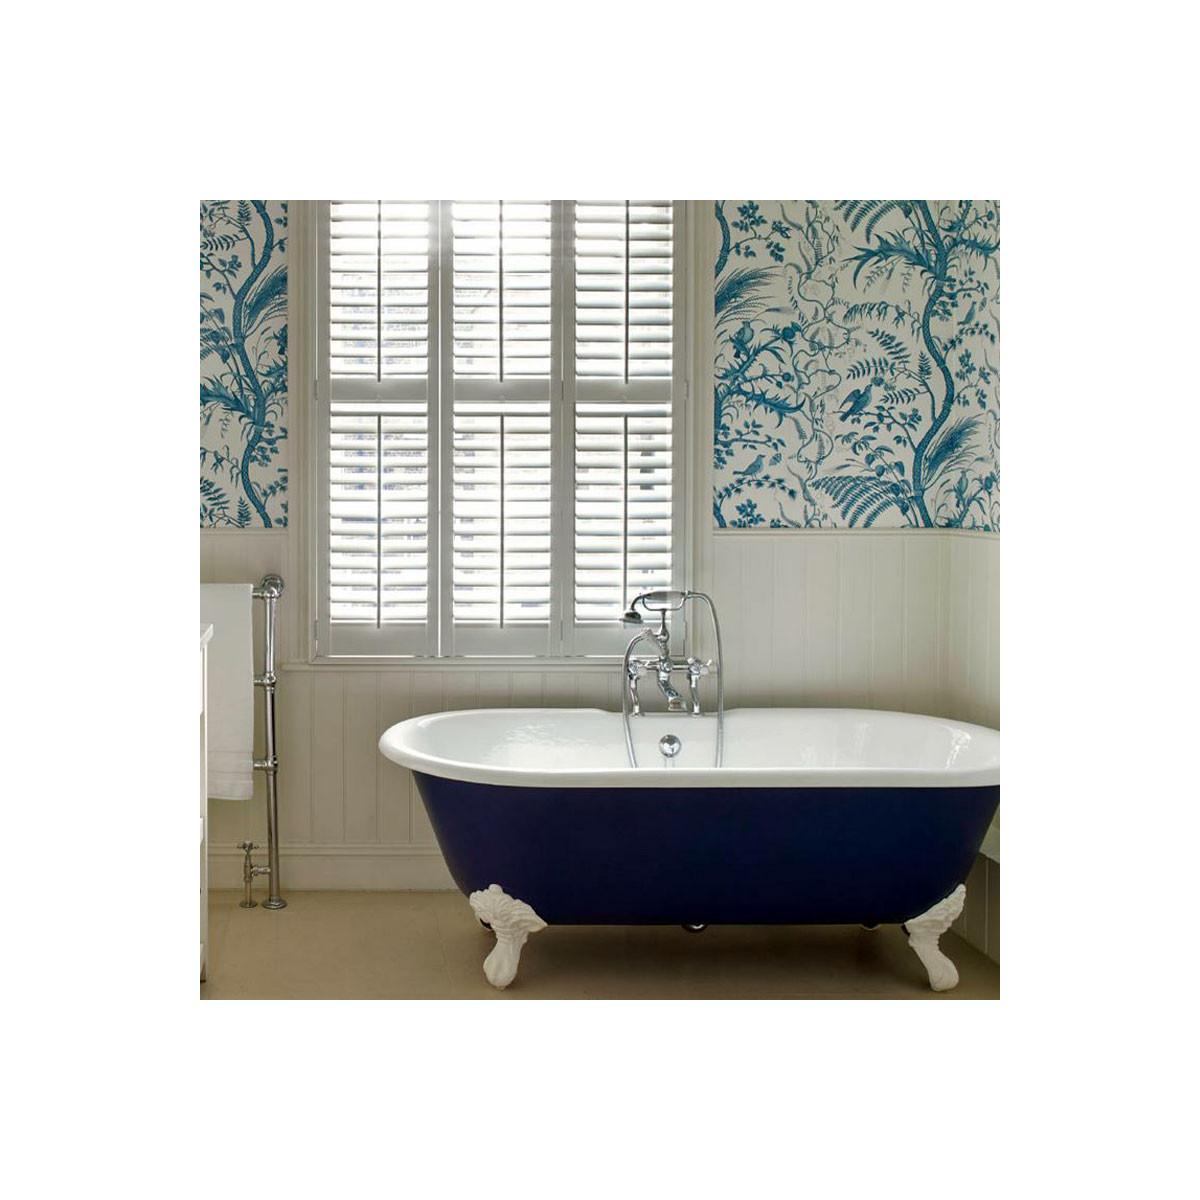 peinture baignoire salle de bain lavabo r novation mail acrylique fonte. Black Bedroom Furniture Sets. Home Design Ideas